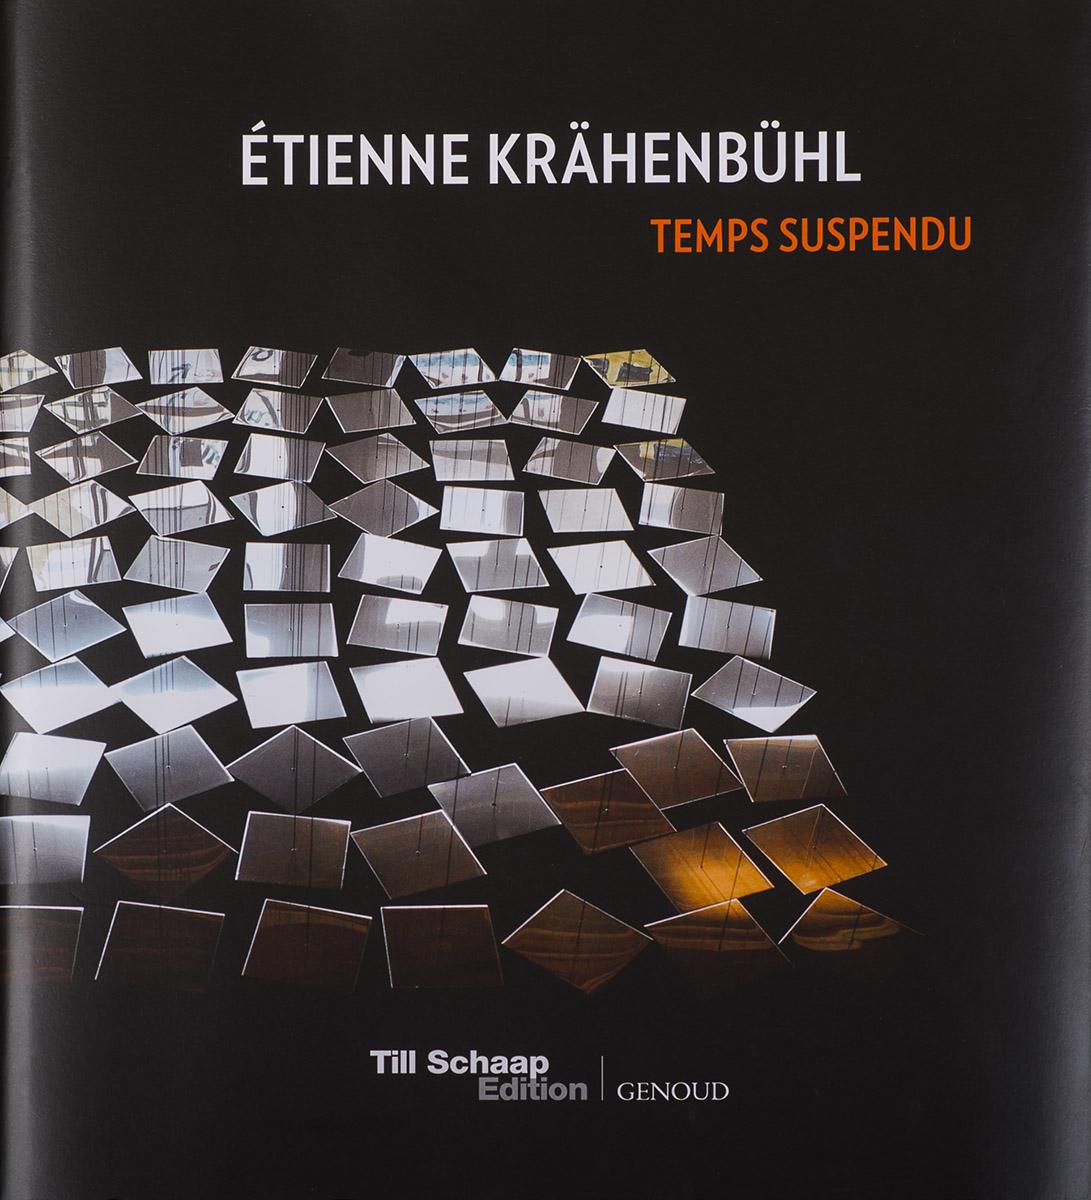 Couverture du livre d'Etienne Krahenbuhl  ©Thierry Porchet